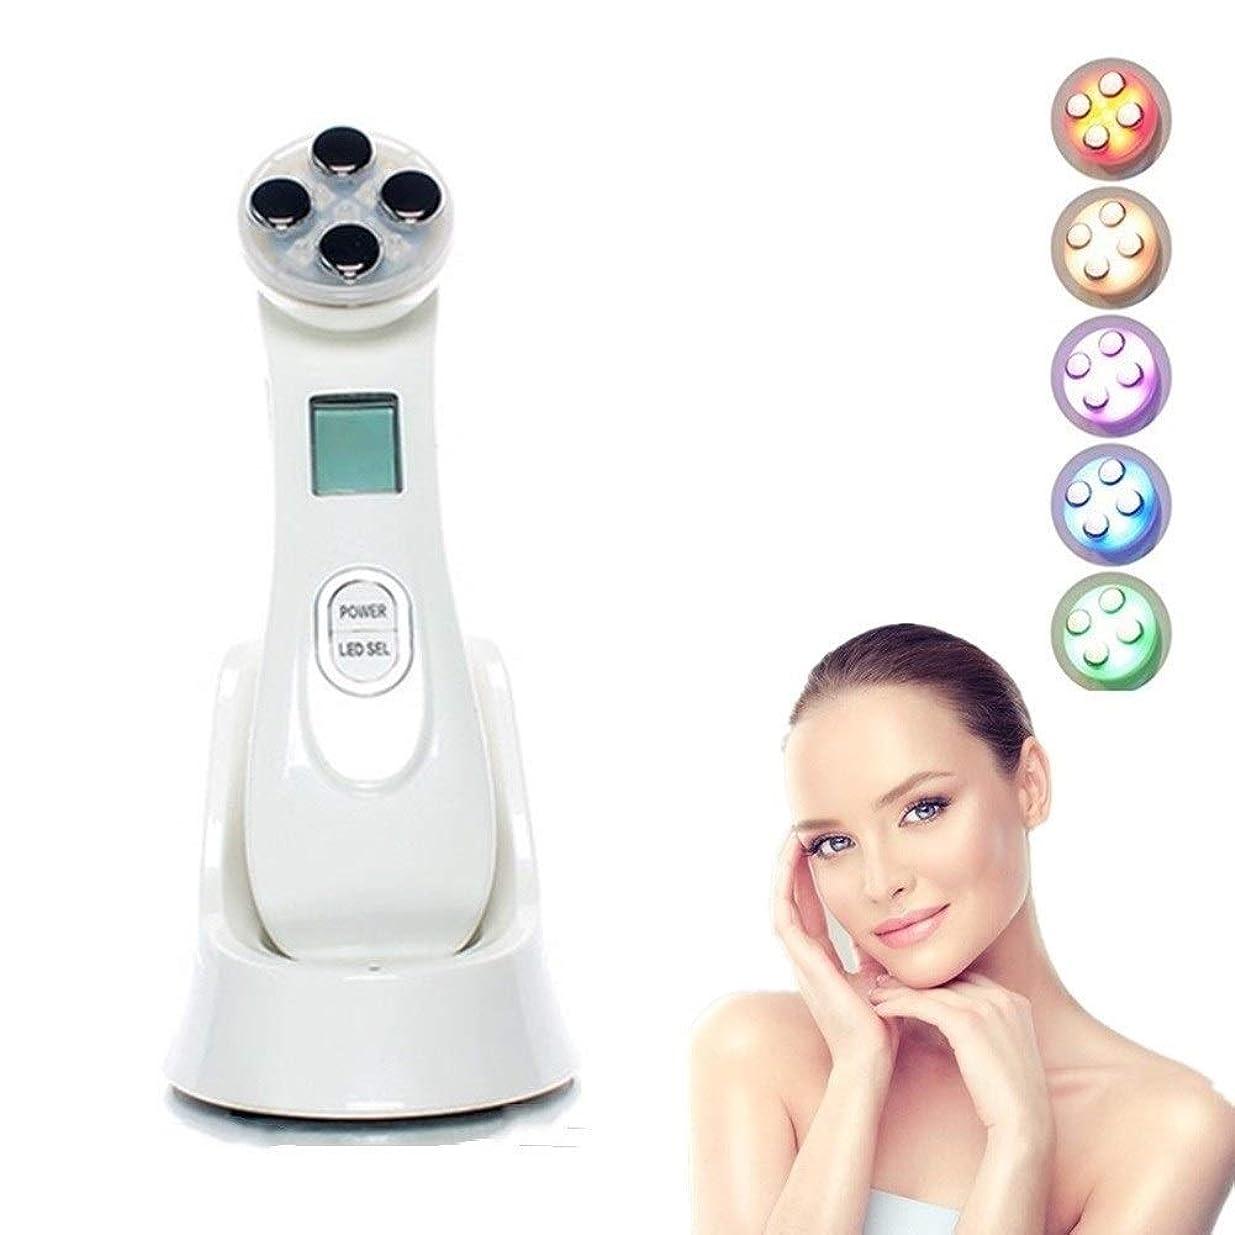 来てダーリンそしてしわの取り外しを白くする美の器械、顔機械および1つの赤いLED光線療法に付き5つおよび6つのモード顔のマッサージャーのスキンケアの顔の洗剤にきびのアンチエイジング